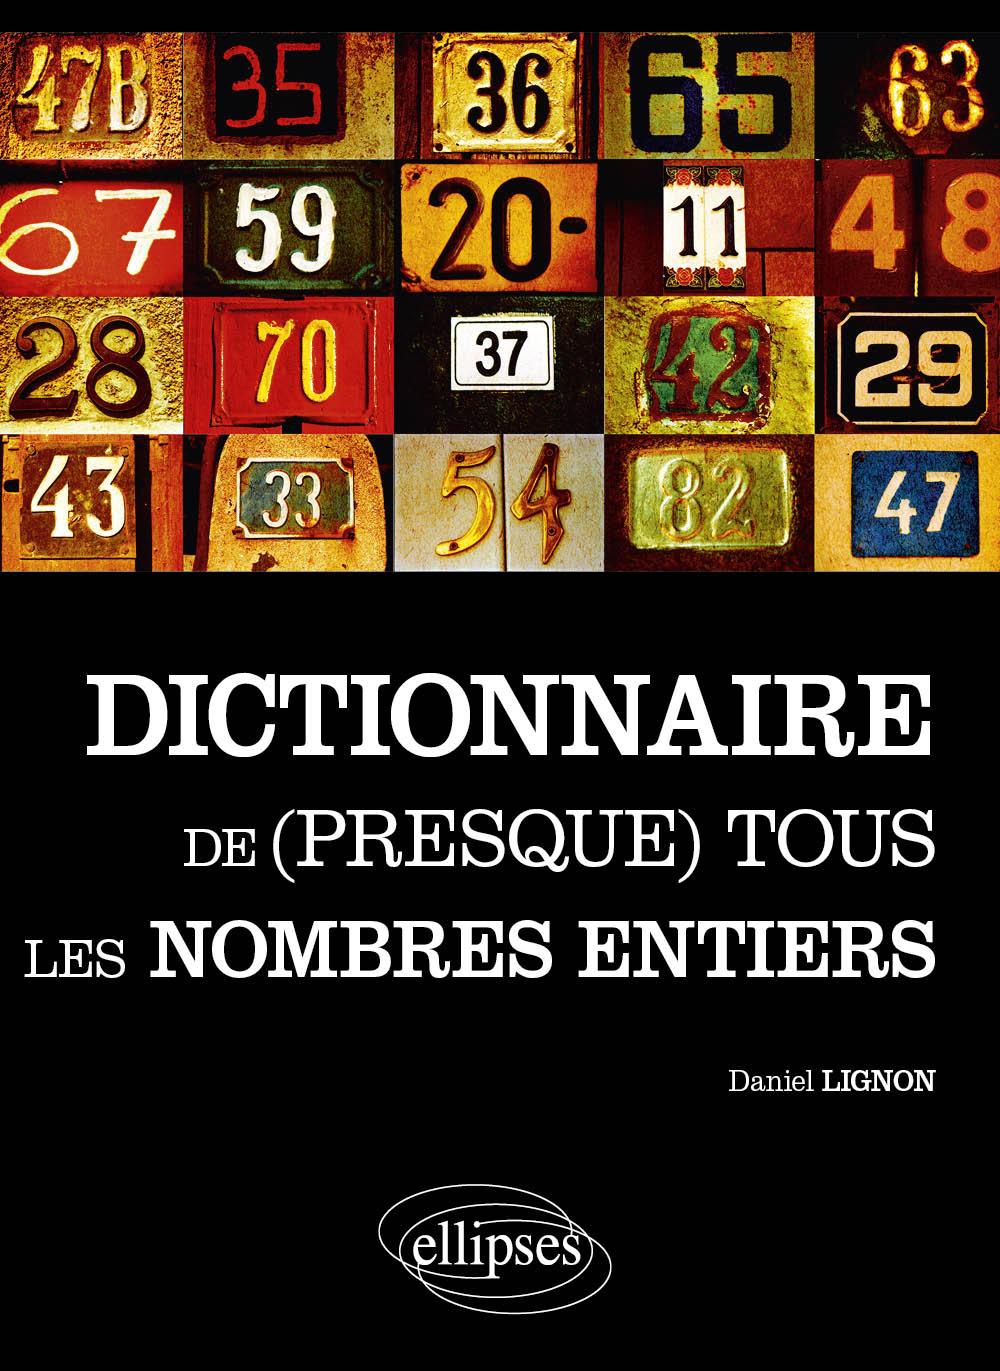 Le dictionnaire de presque tous les nombres entiers for Nombre 13 signification